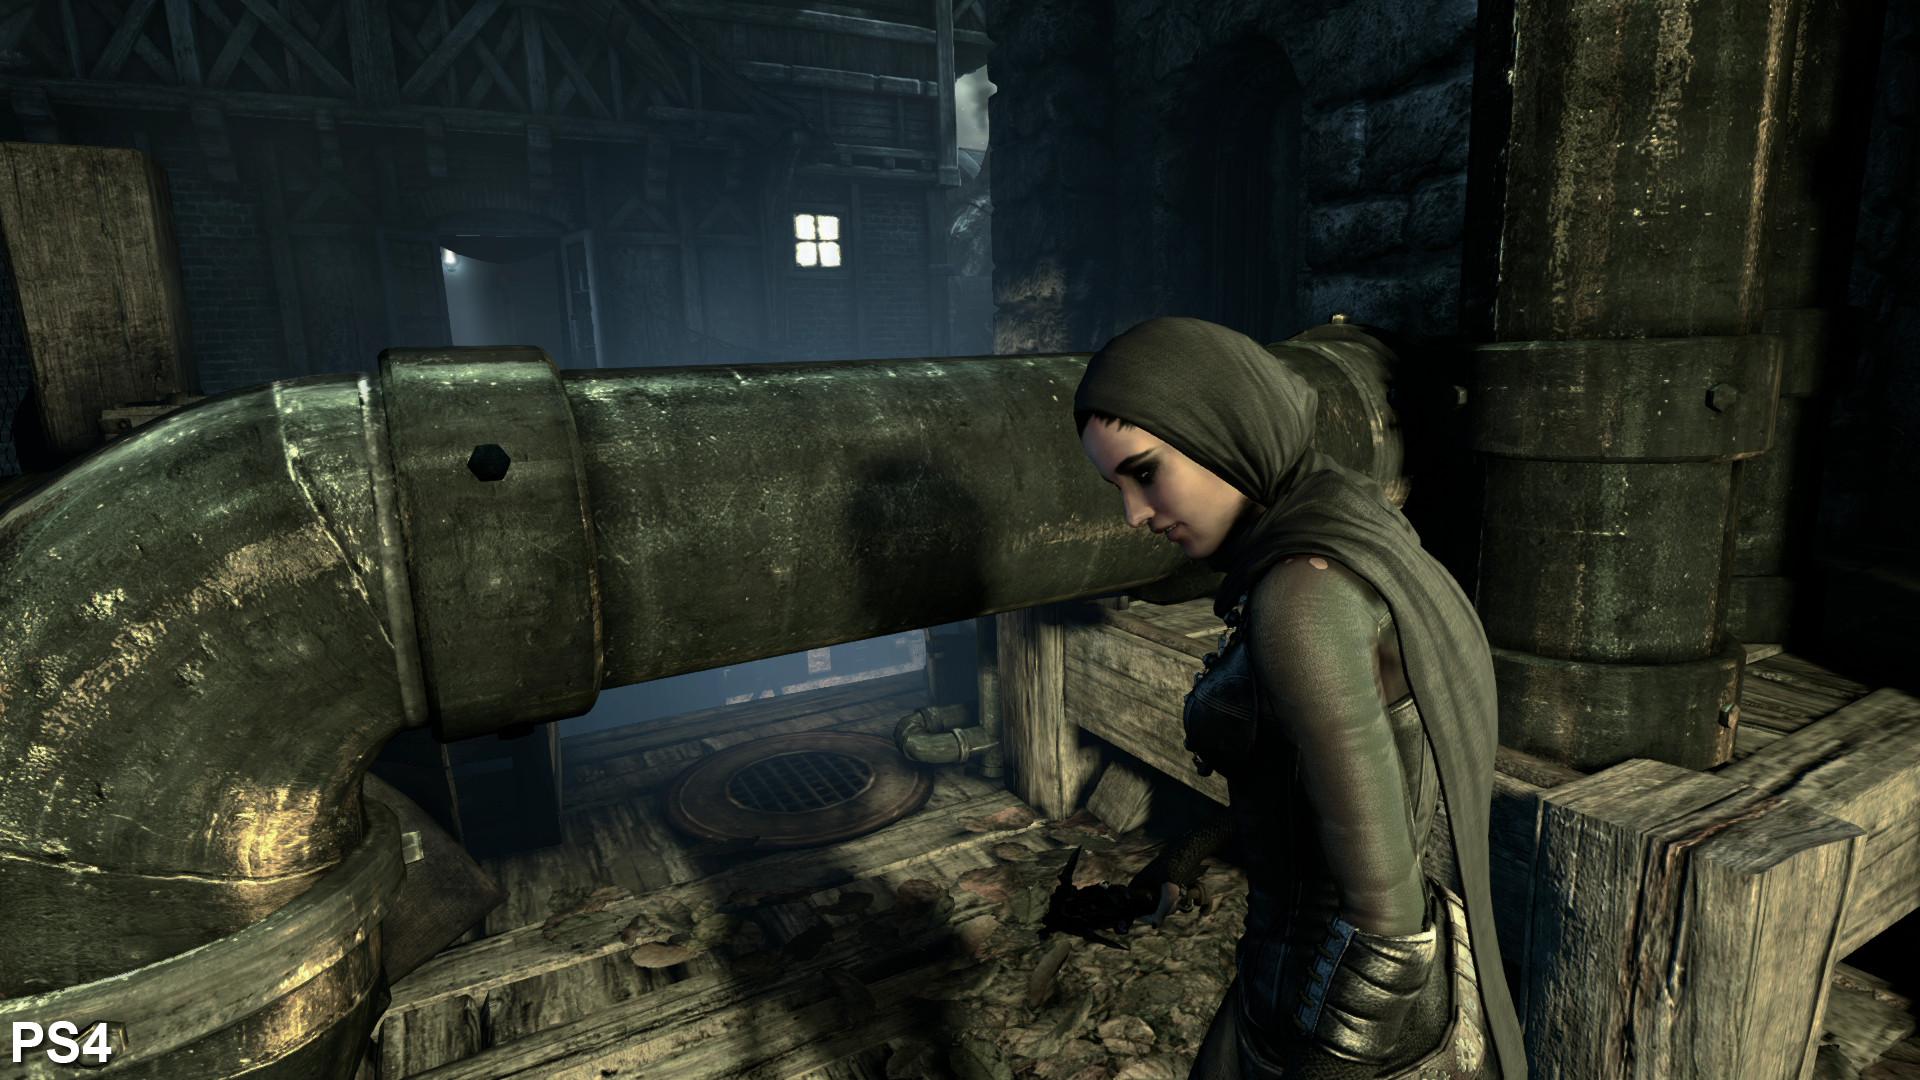 PS4 vs Xbox One Comparison Screenshot 4